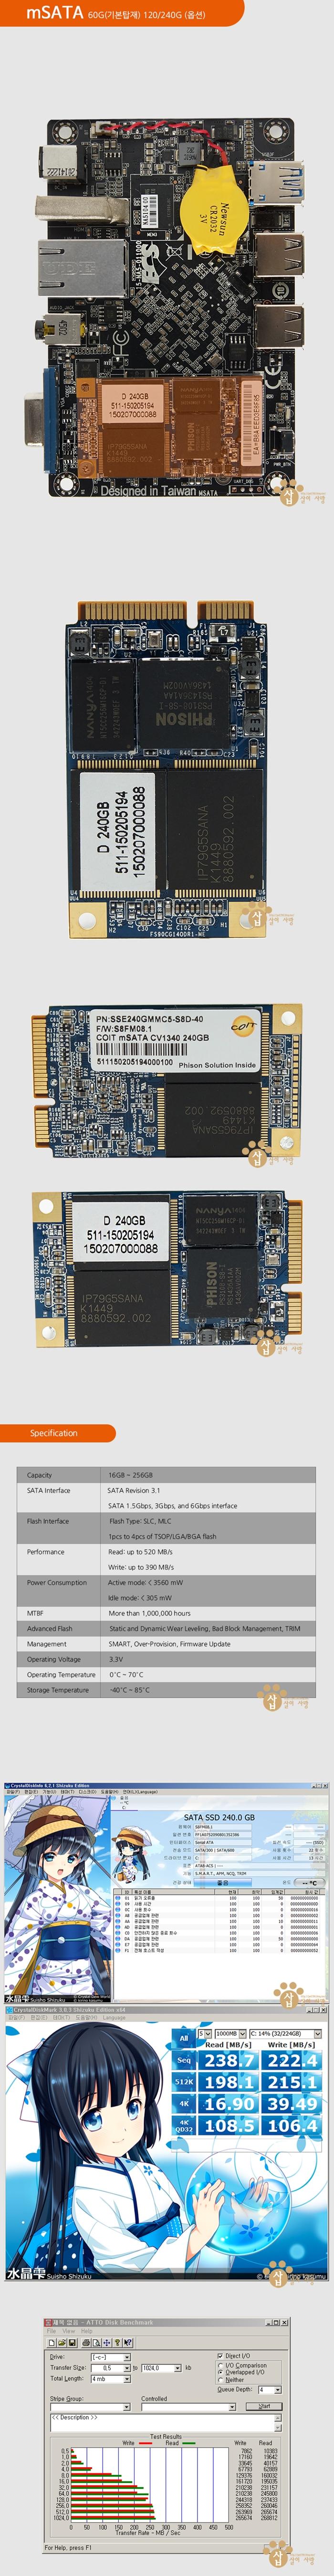 미니PC 추천 성능5 리바 X (LIVA X).jpg